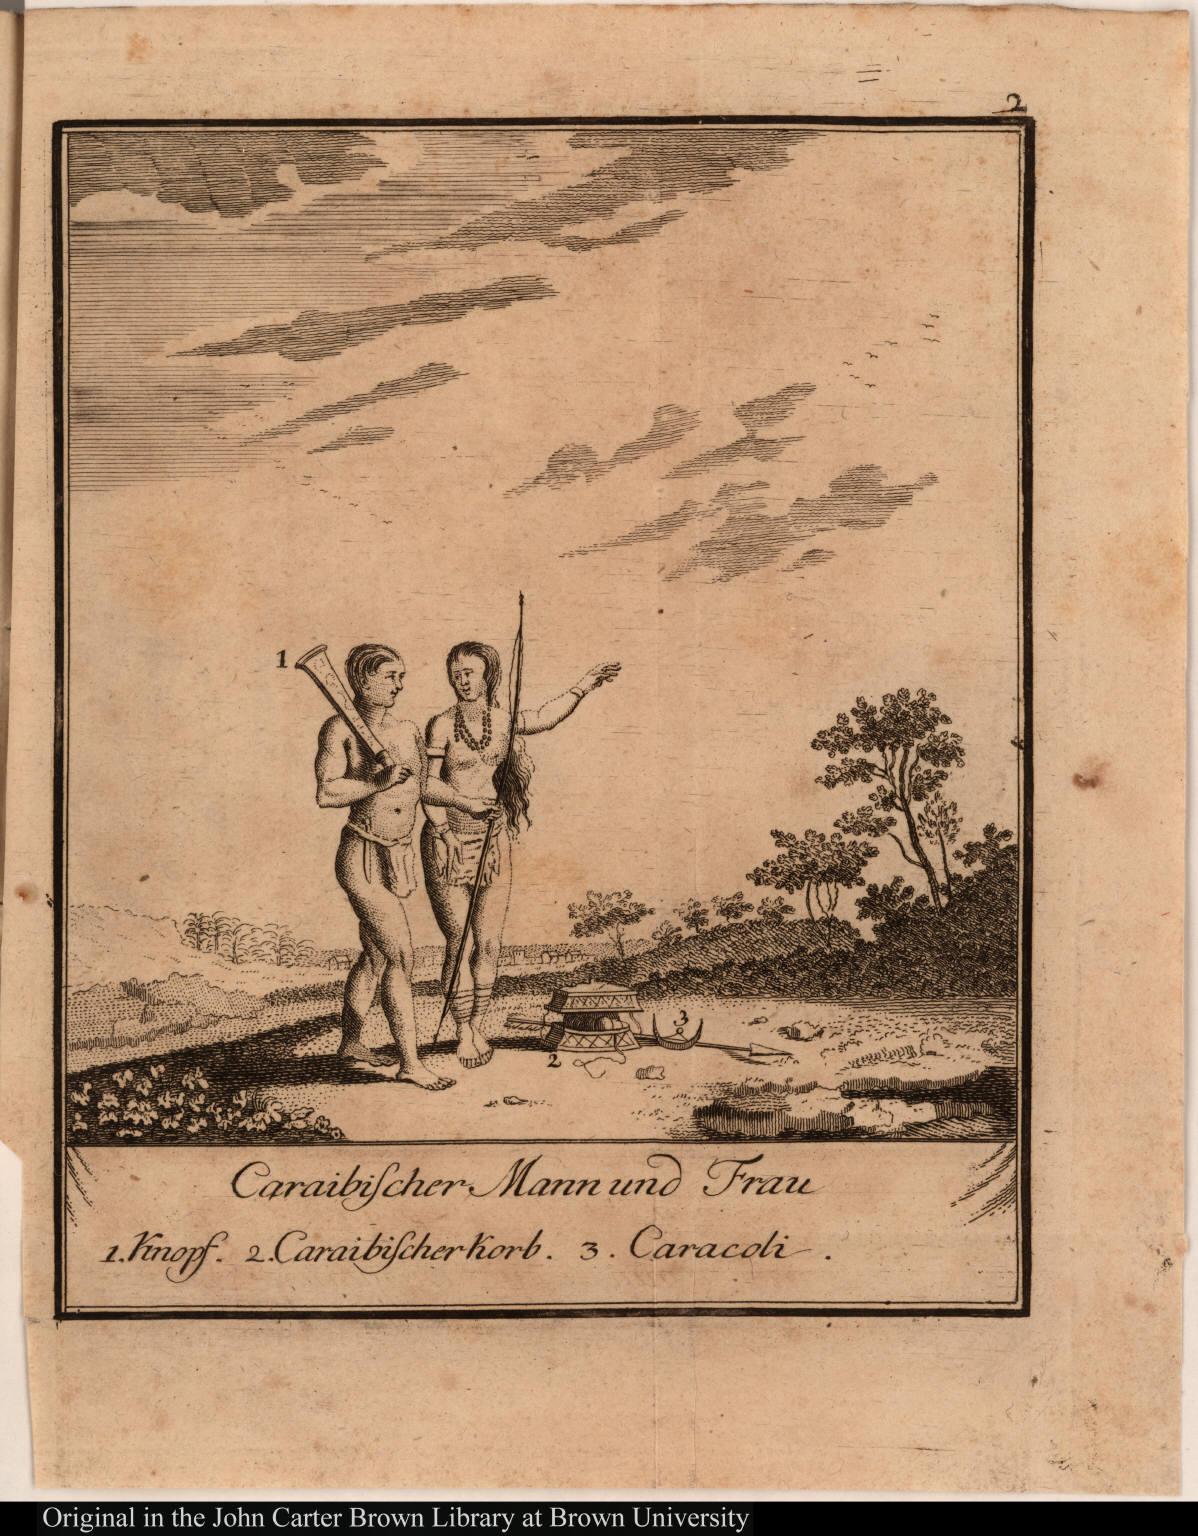 Caraibischer Mann und Frau